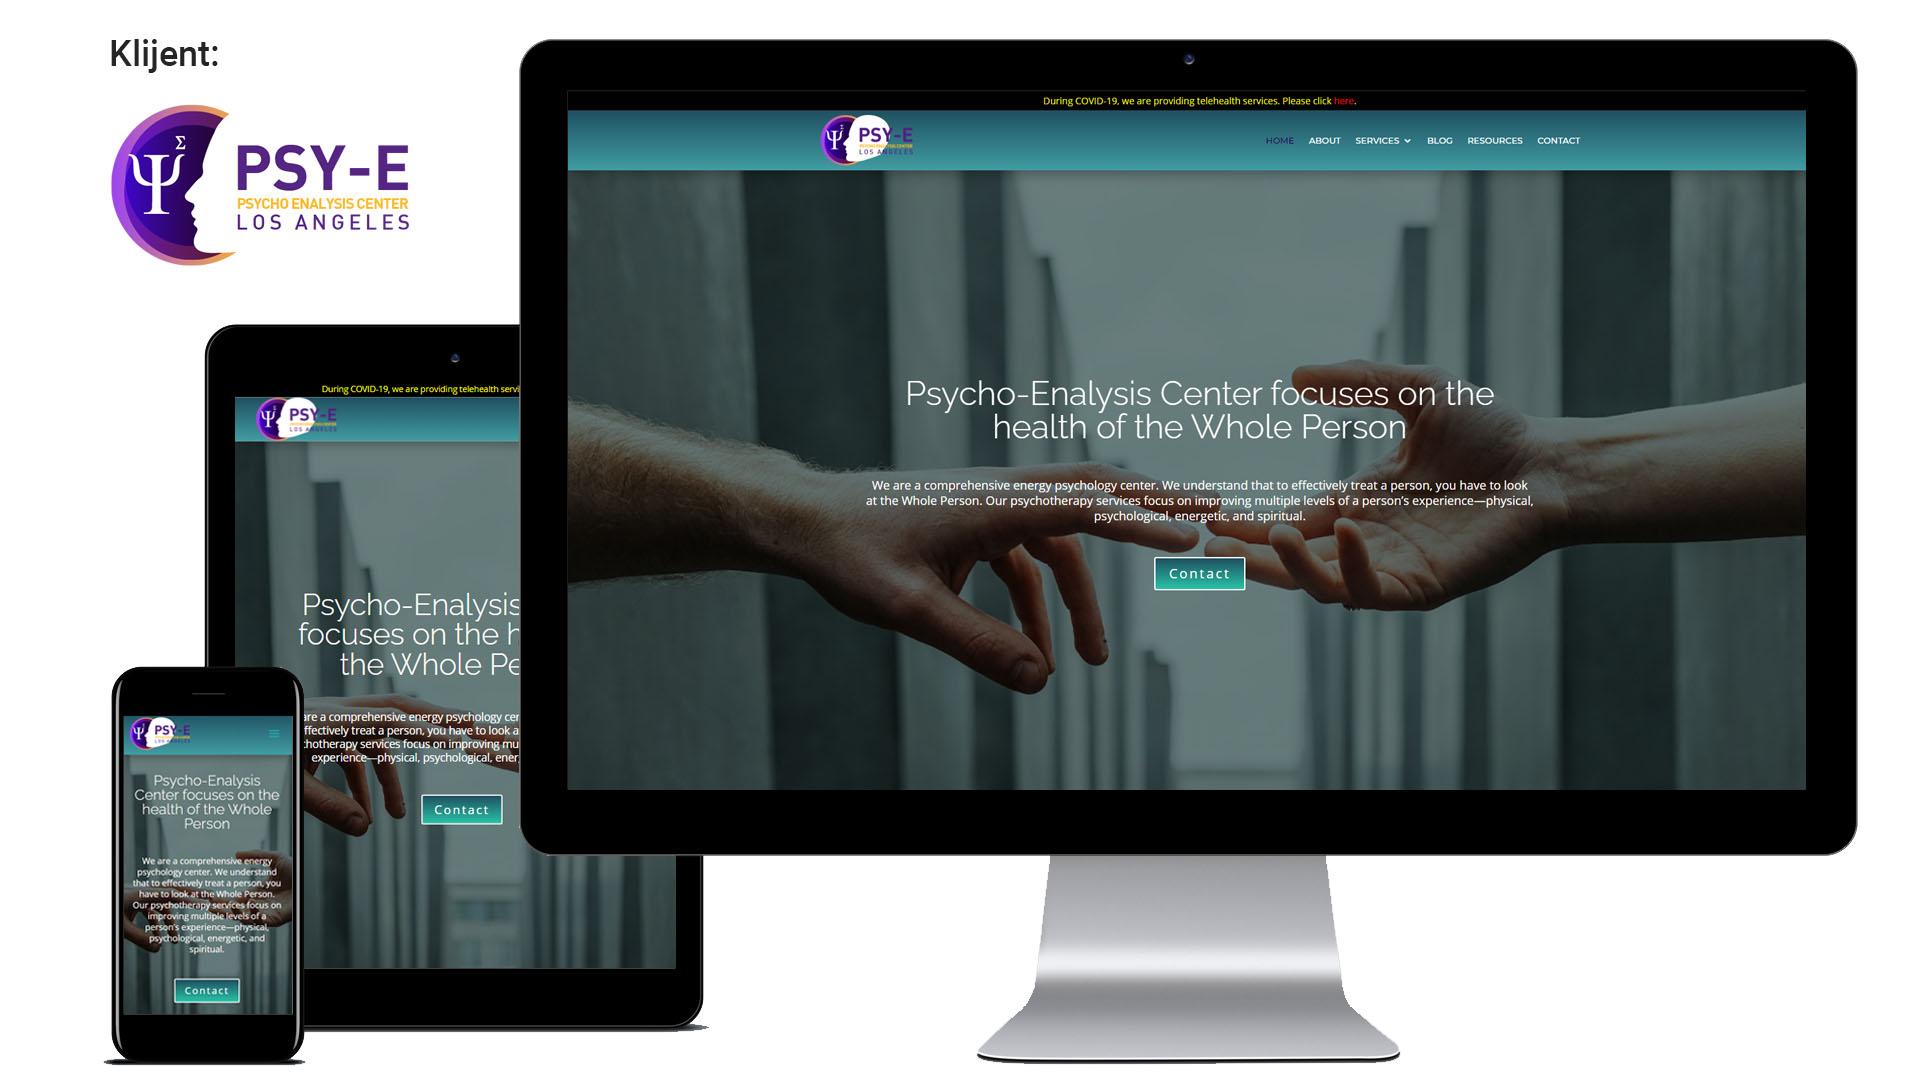 Psy-E – Izrada platforme za kontakt sa psihologom